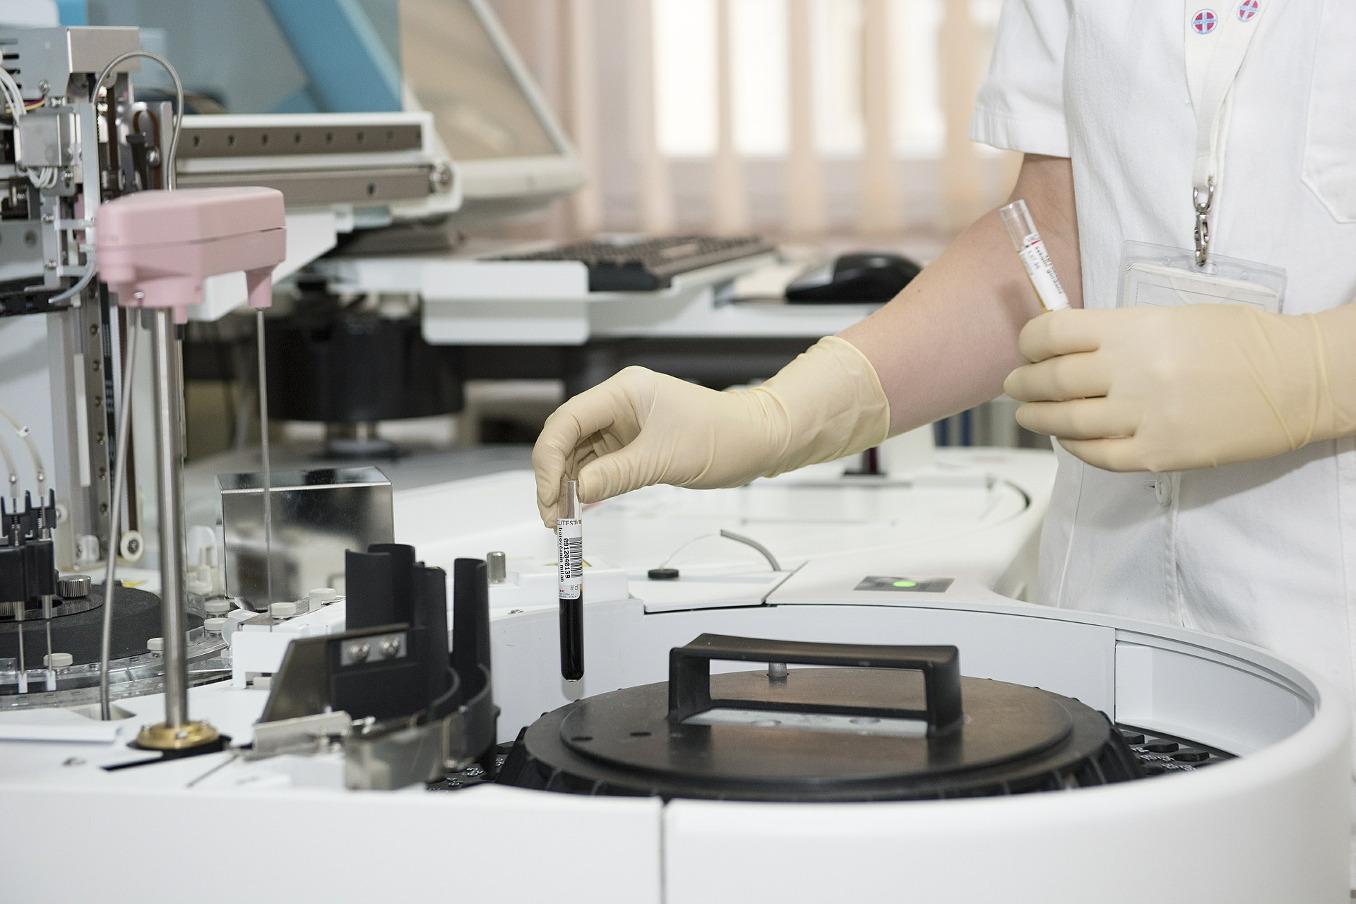 La Justicia de Canarias confirma la mayor indemnización por negligencia médica en España: 1,3 millones